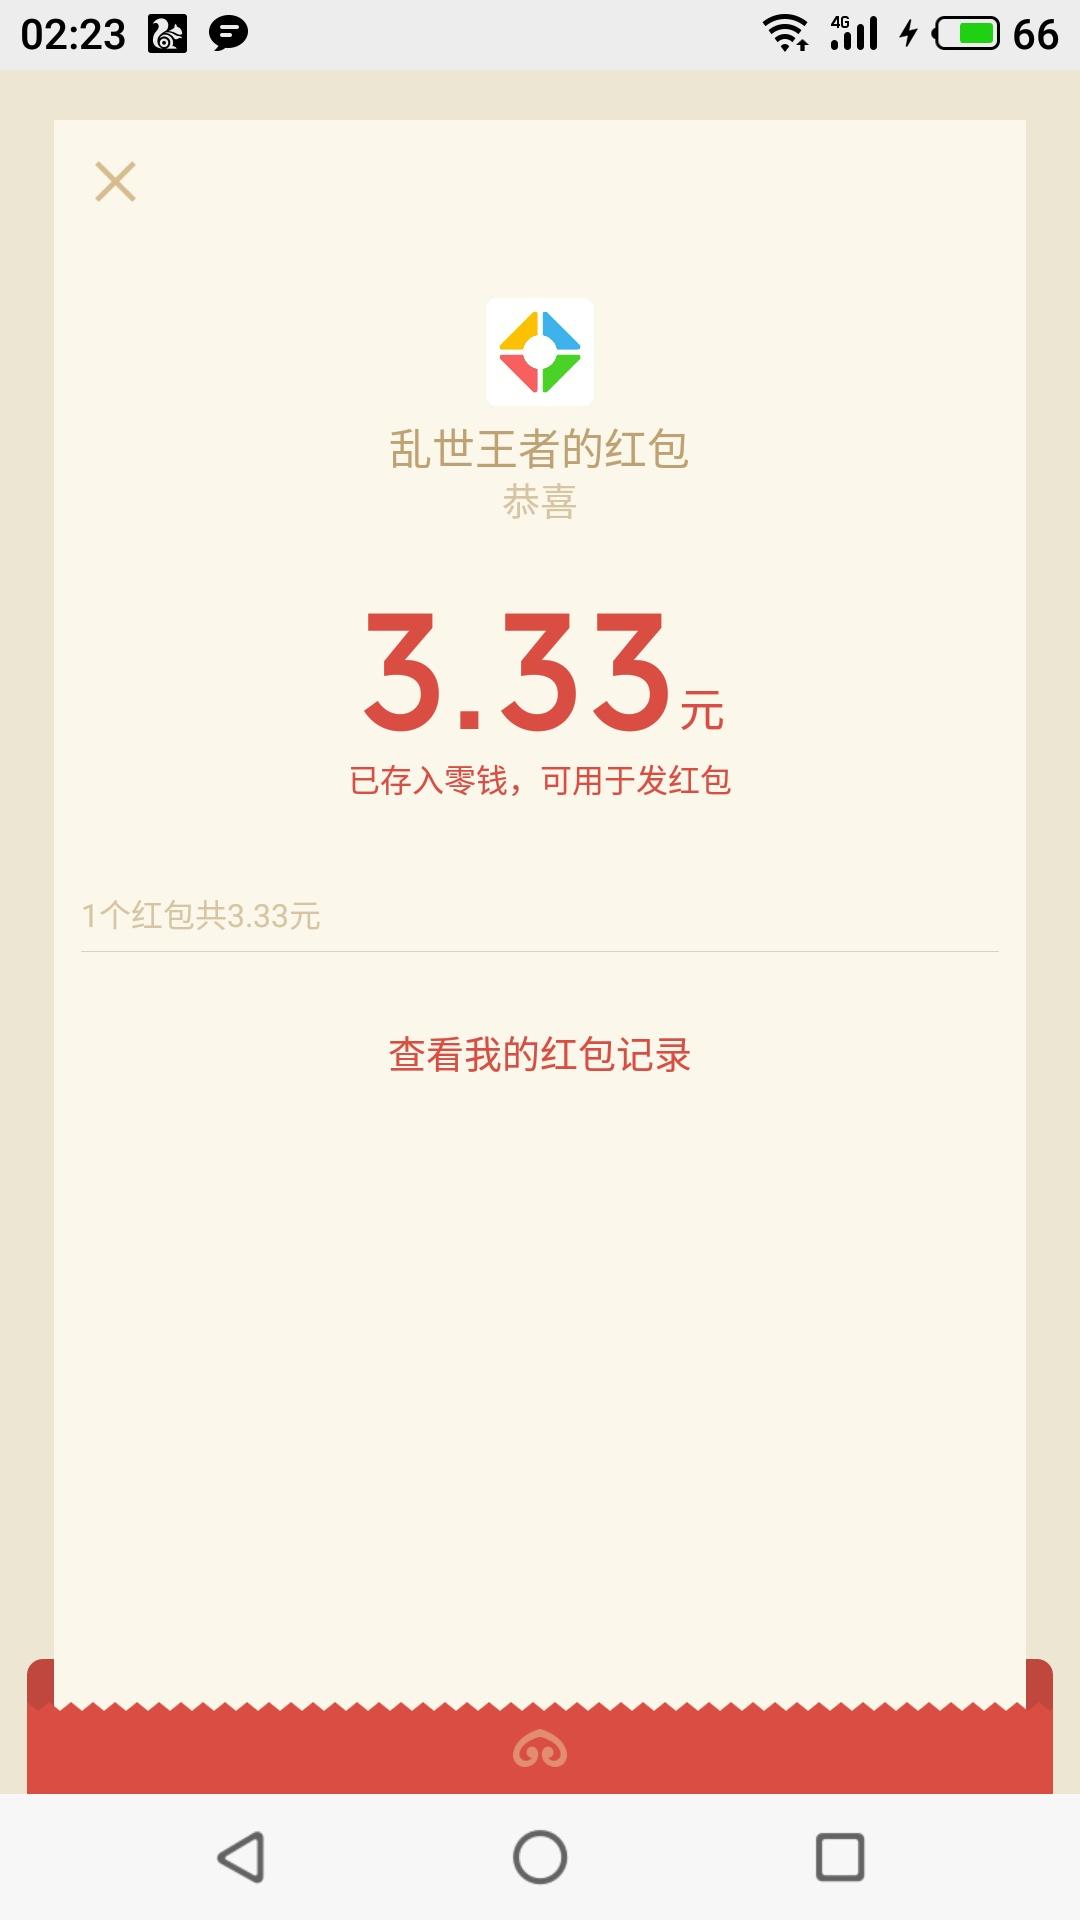 【现金红包】乱世王者微信下载注册给3.33-www.im86.com